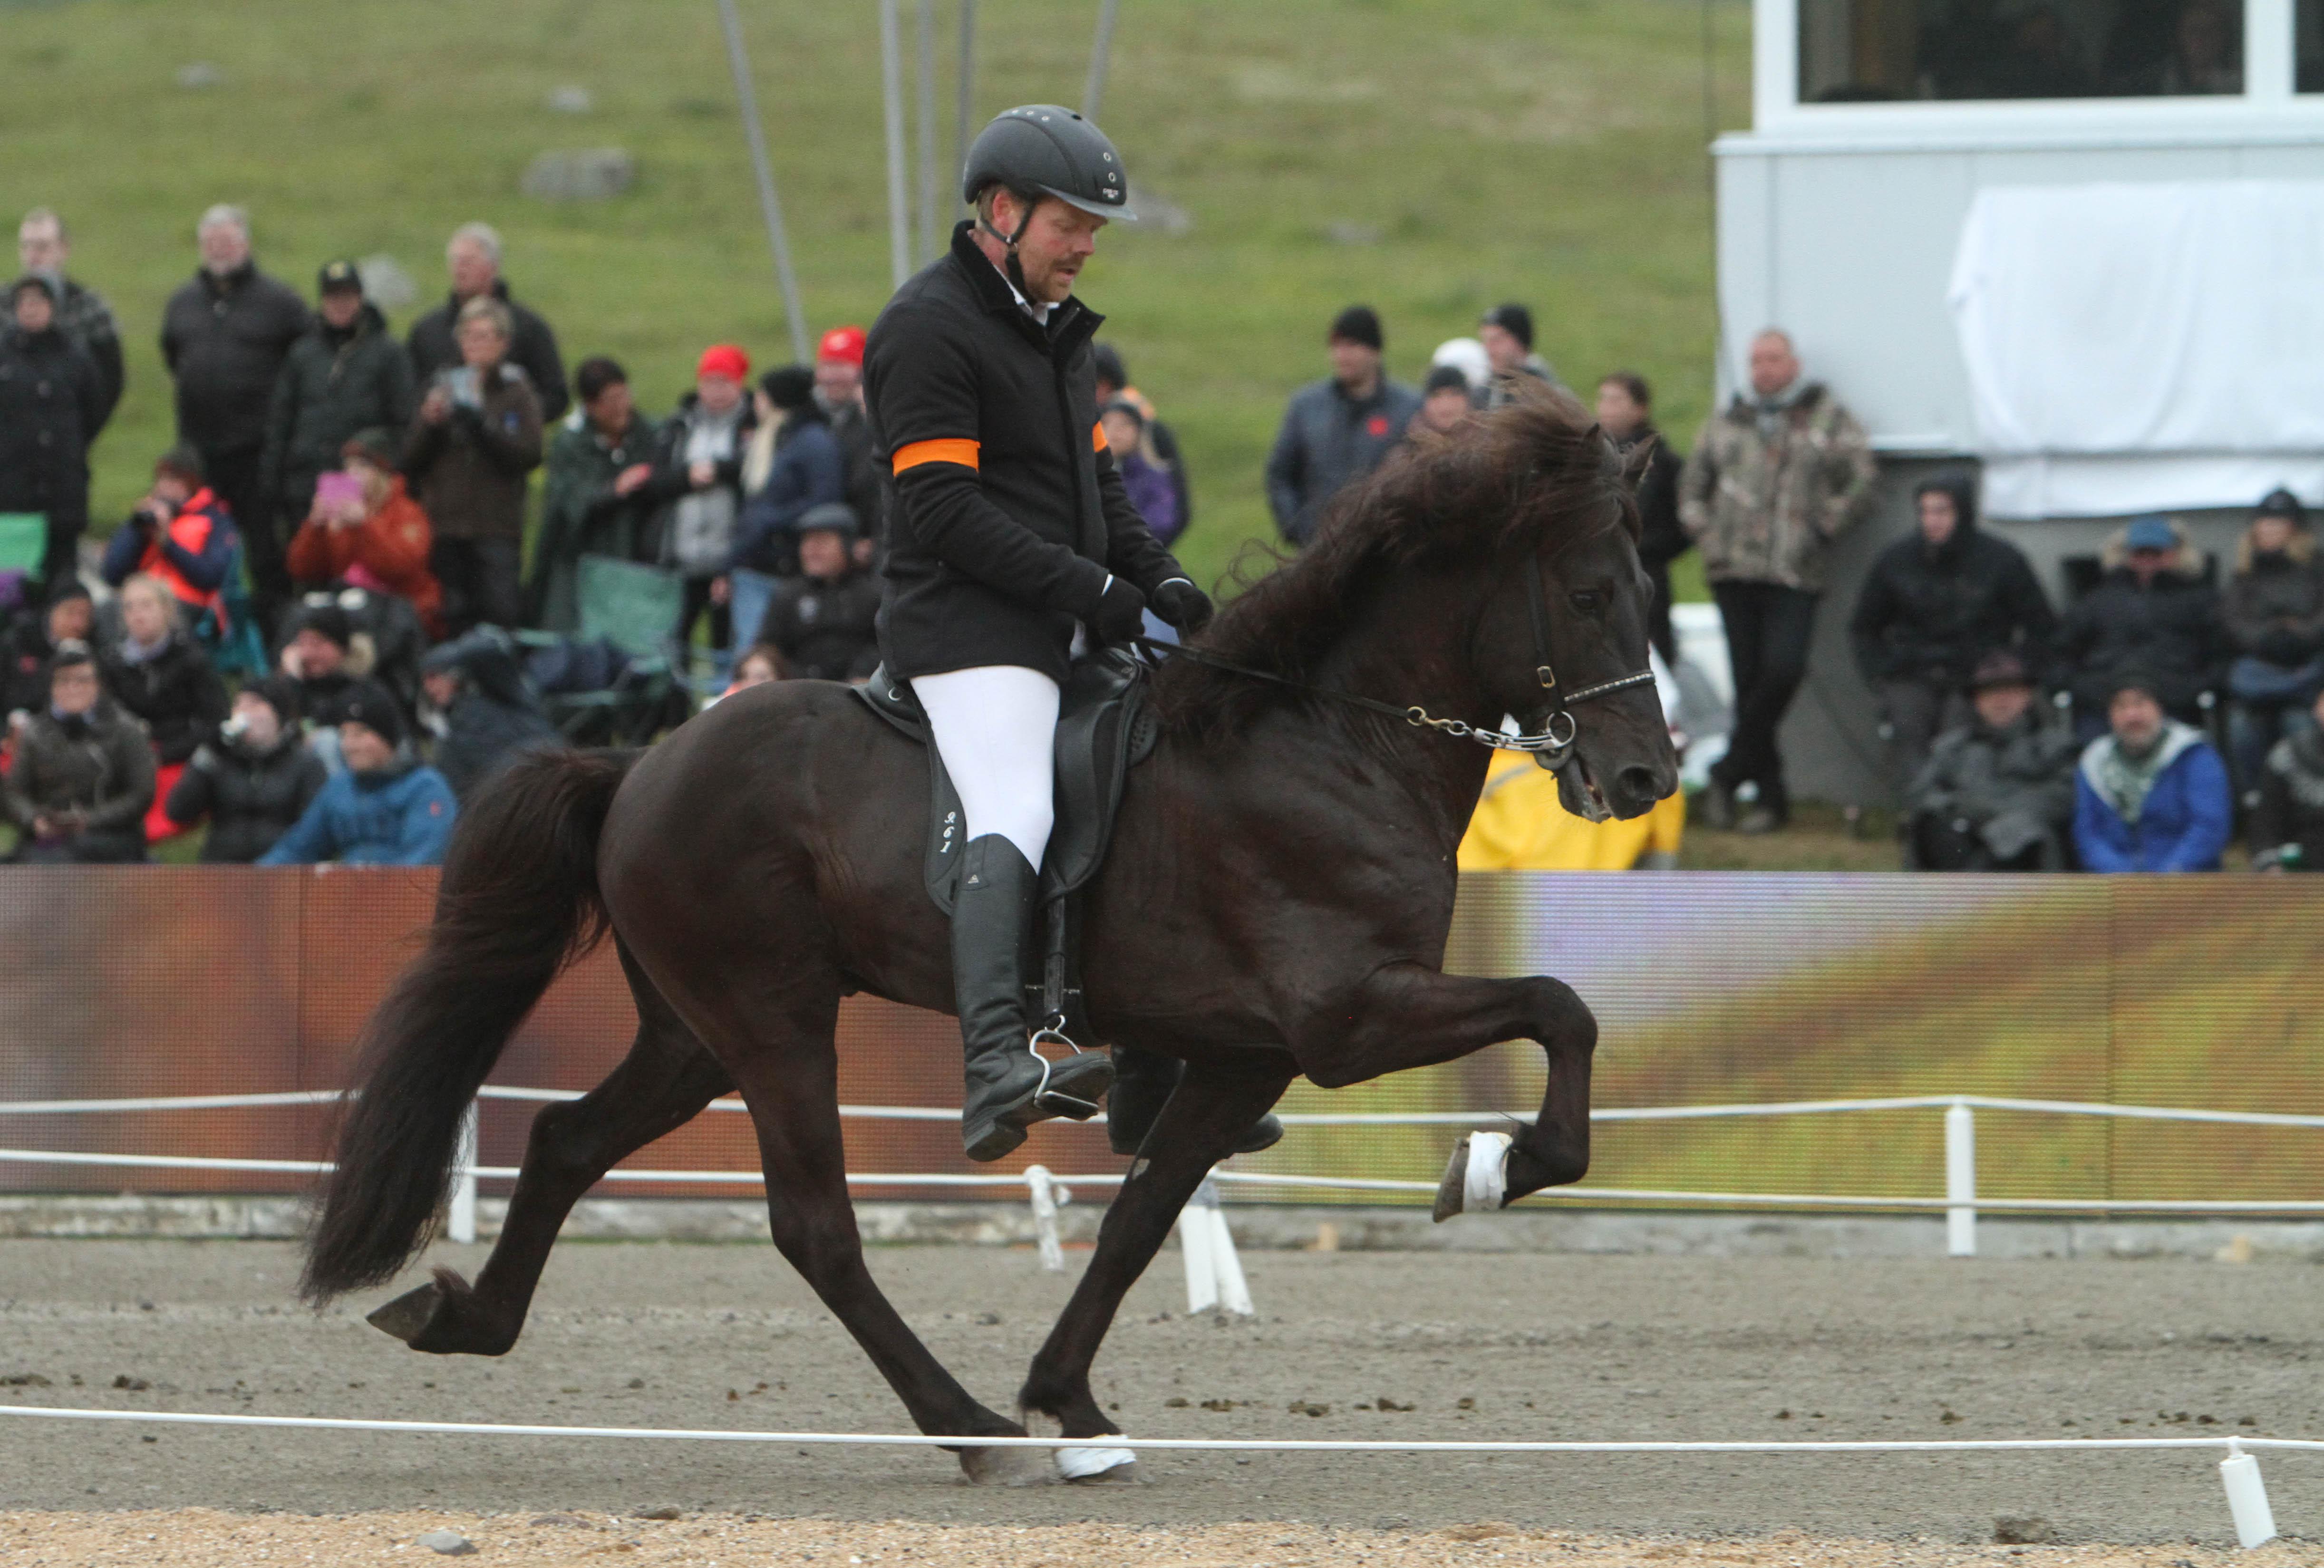 Tvåan Arion i tölt Foto: Karin Cederman/ishestnews.se